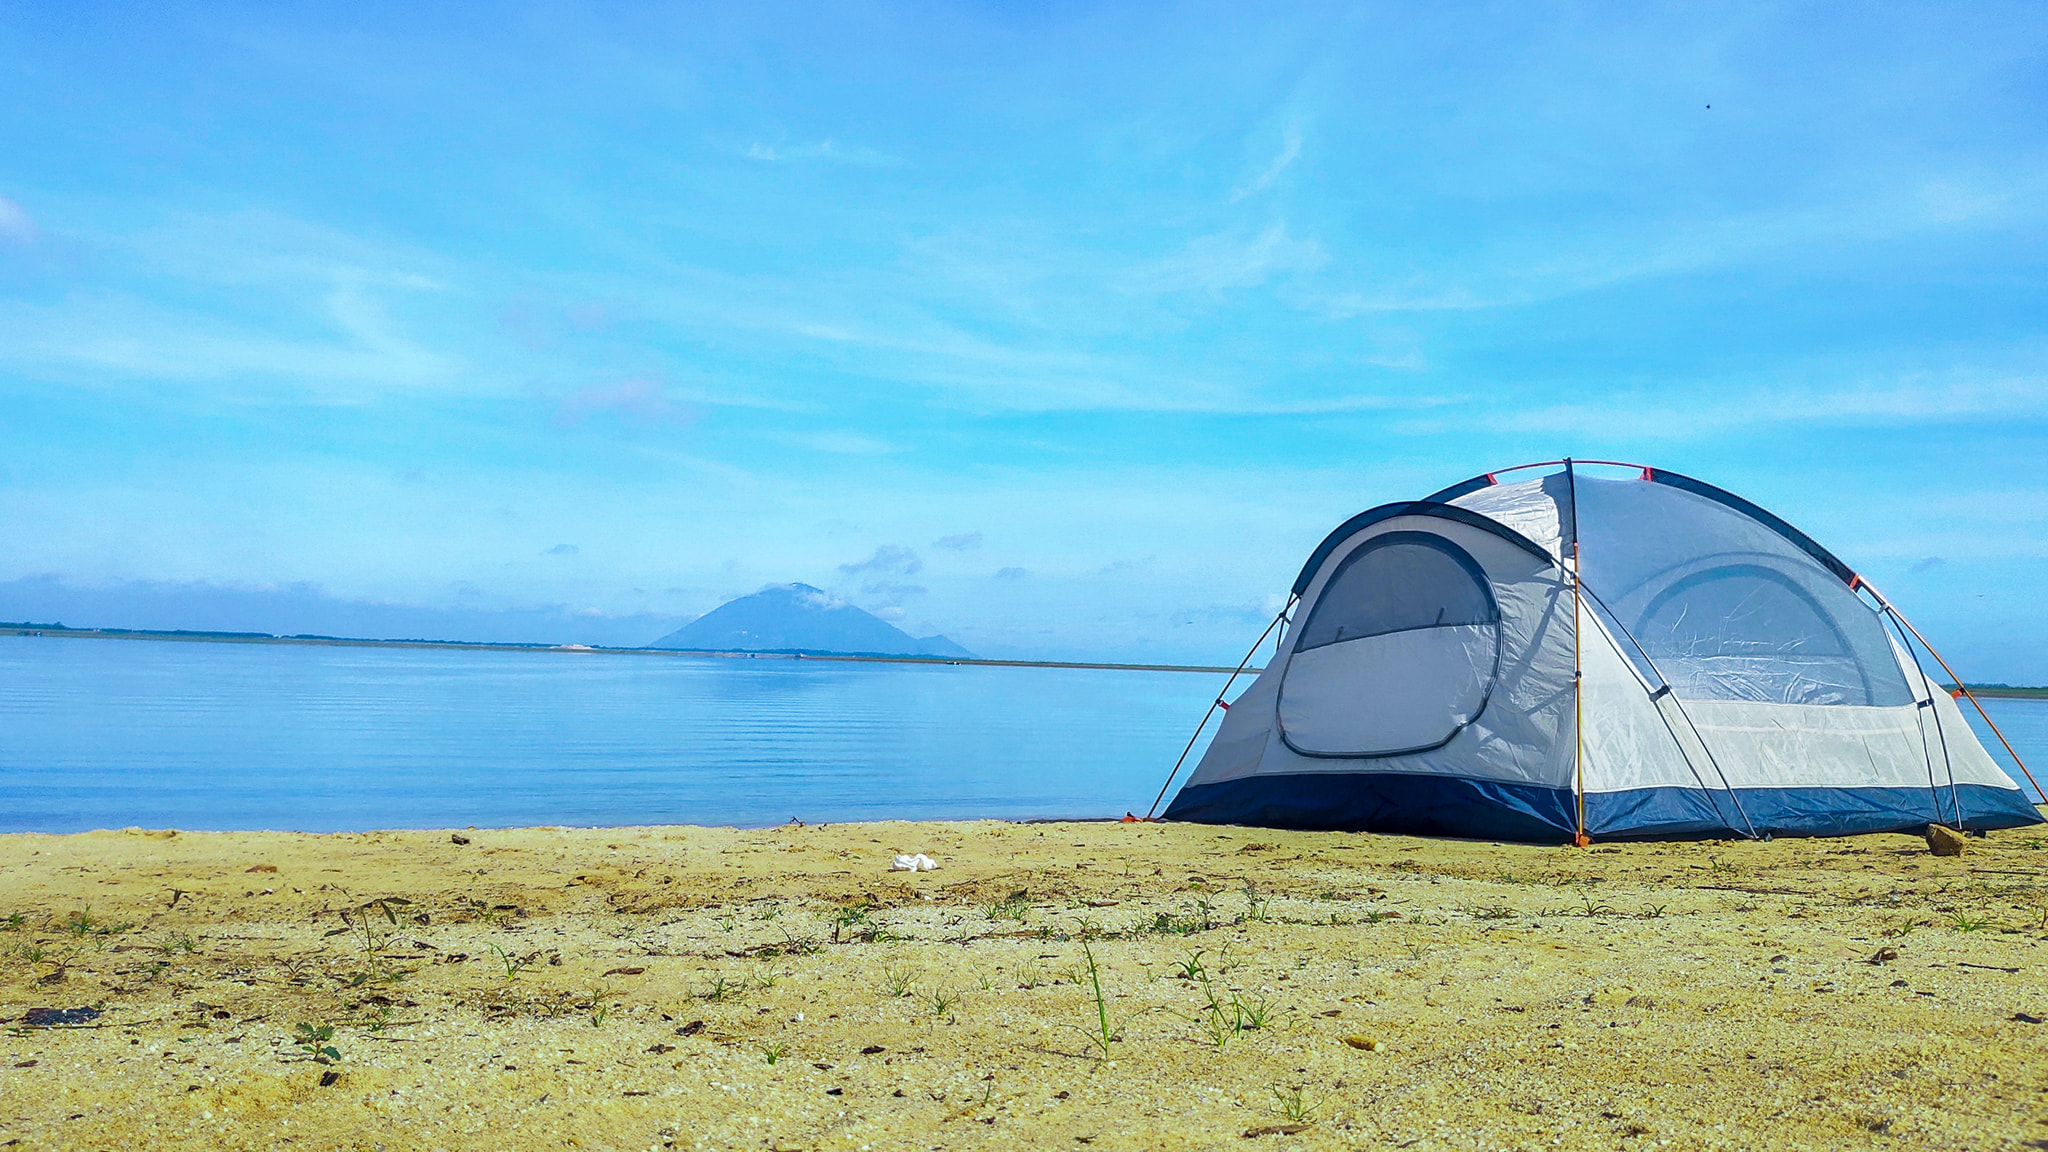 Đến hồ Dầu Tiếng, chiêm ngưỡng cảnh đẹp hút hồn tại địa điểm cắm trại hot nhất Tây Ninh  - Ảnh 4.